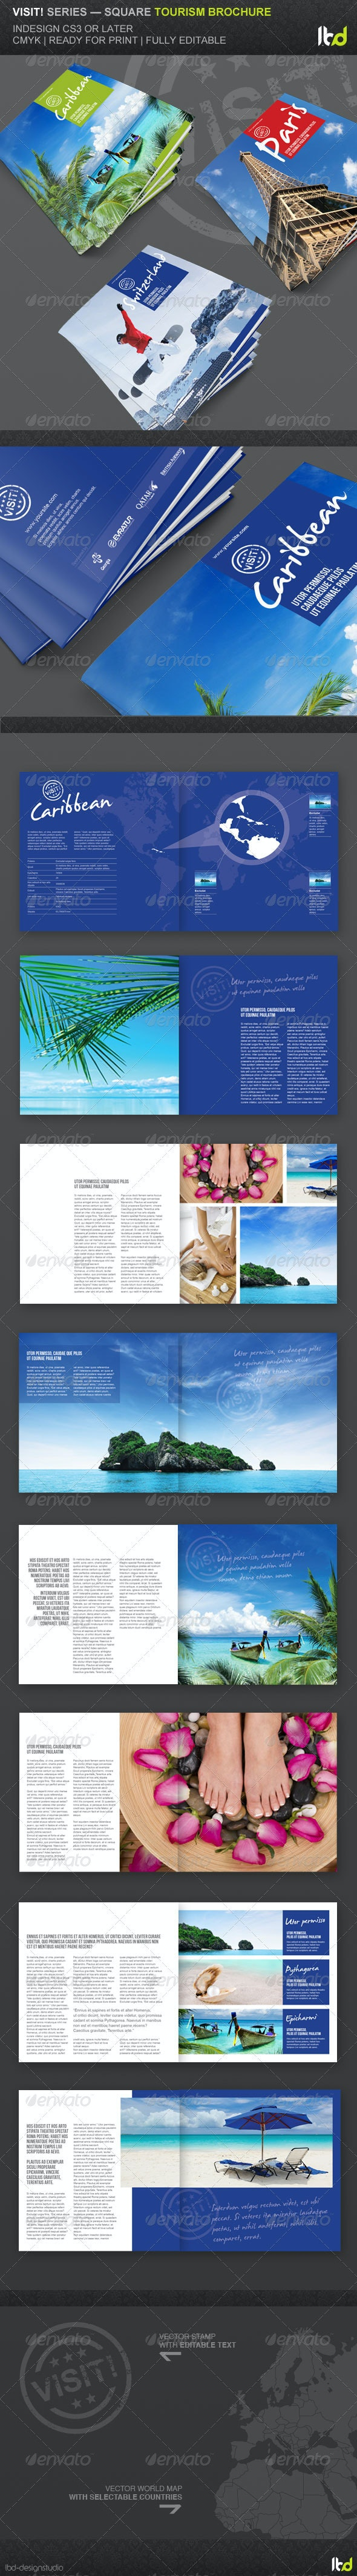 Visit! Series - Square Tourism Brochure - Brochures Print Templates